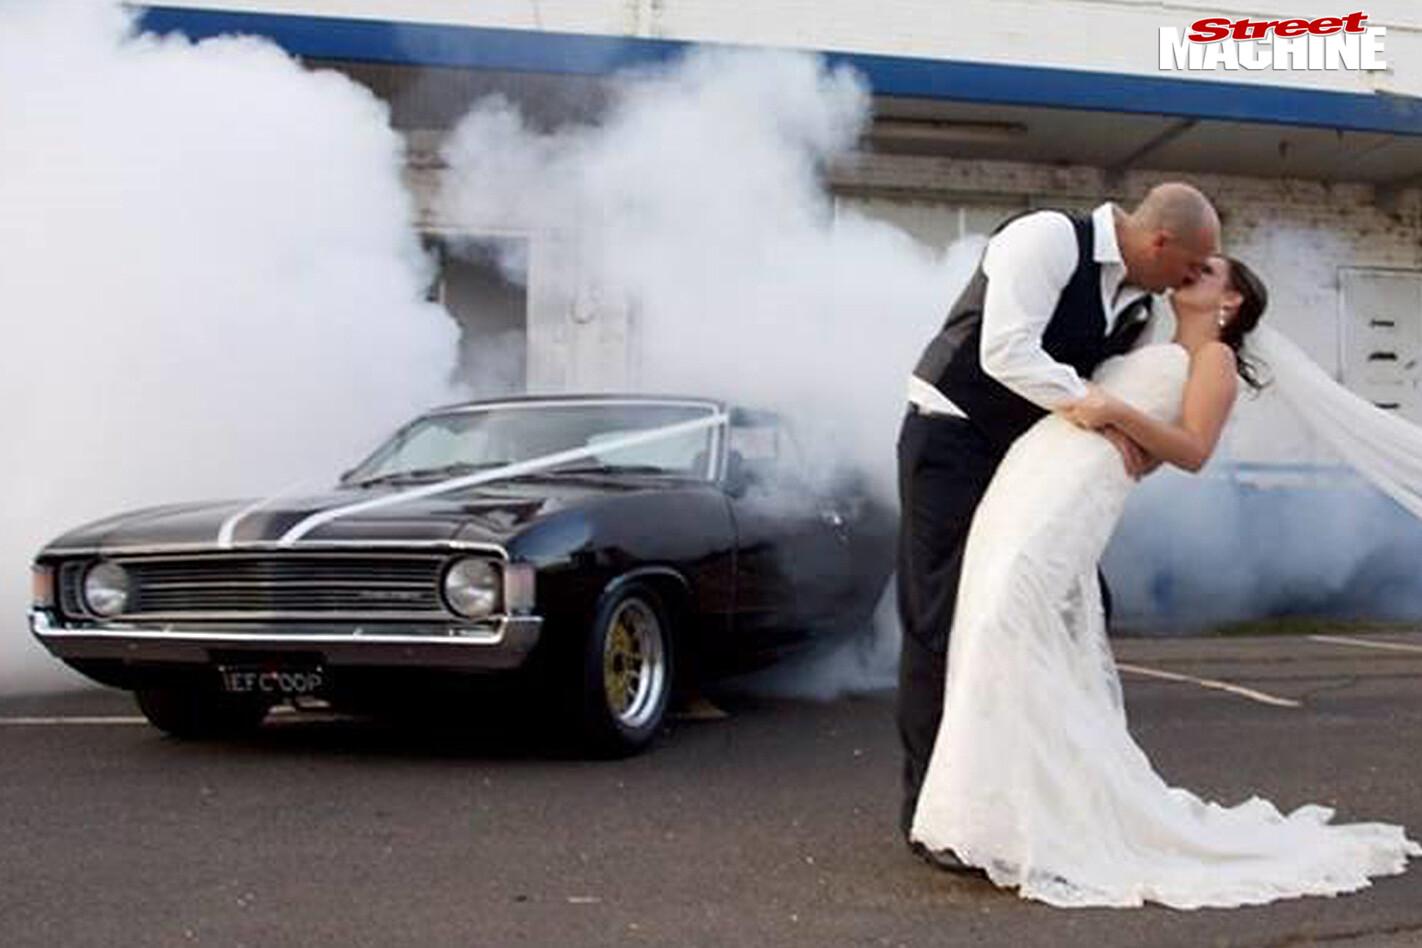 Ford -xa -falcon -wedding -car